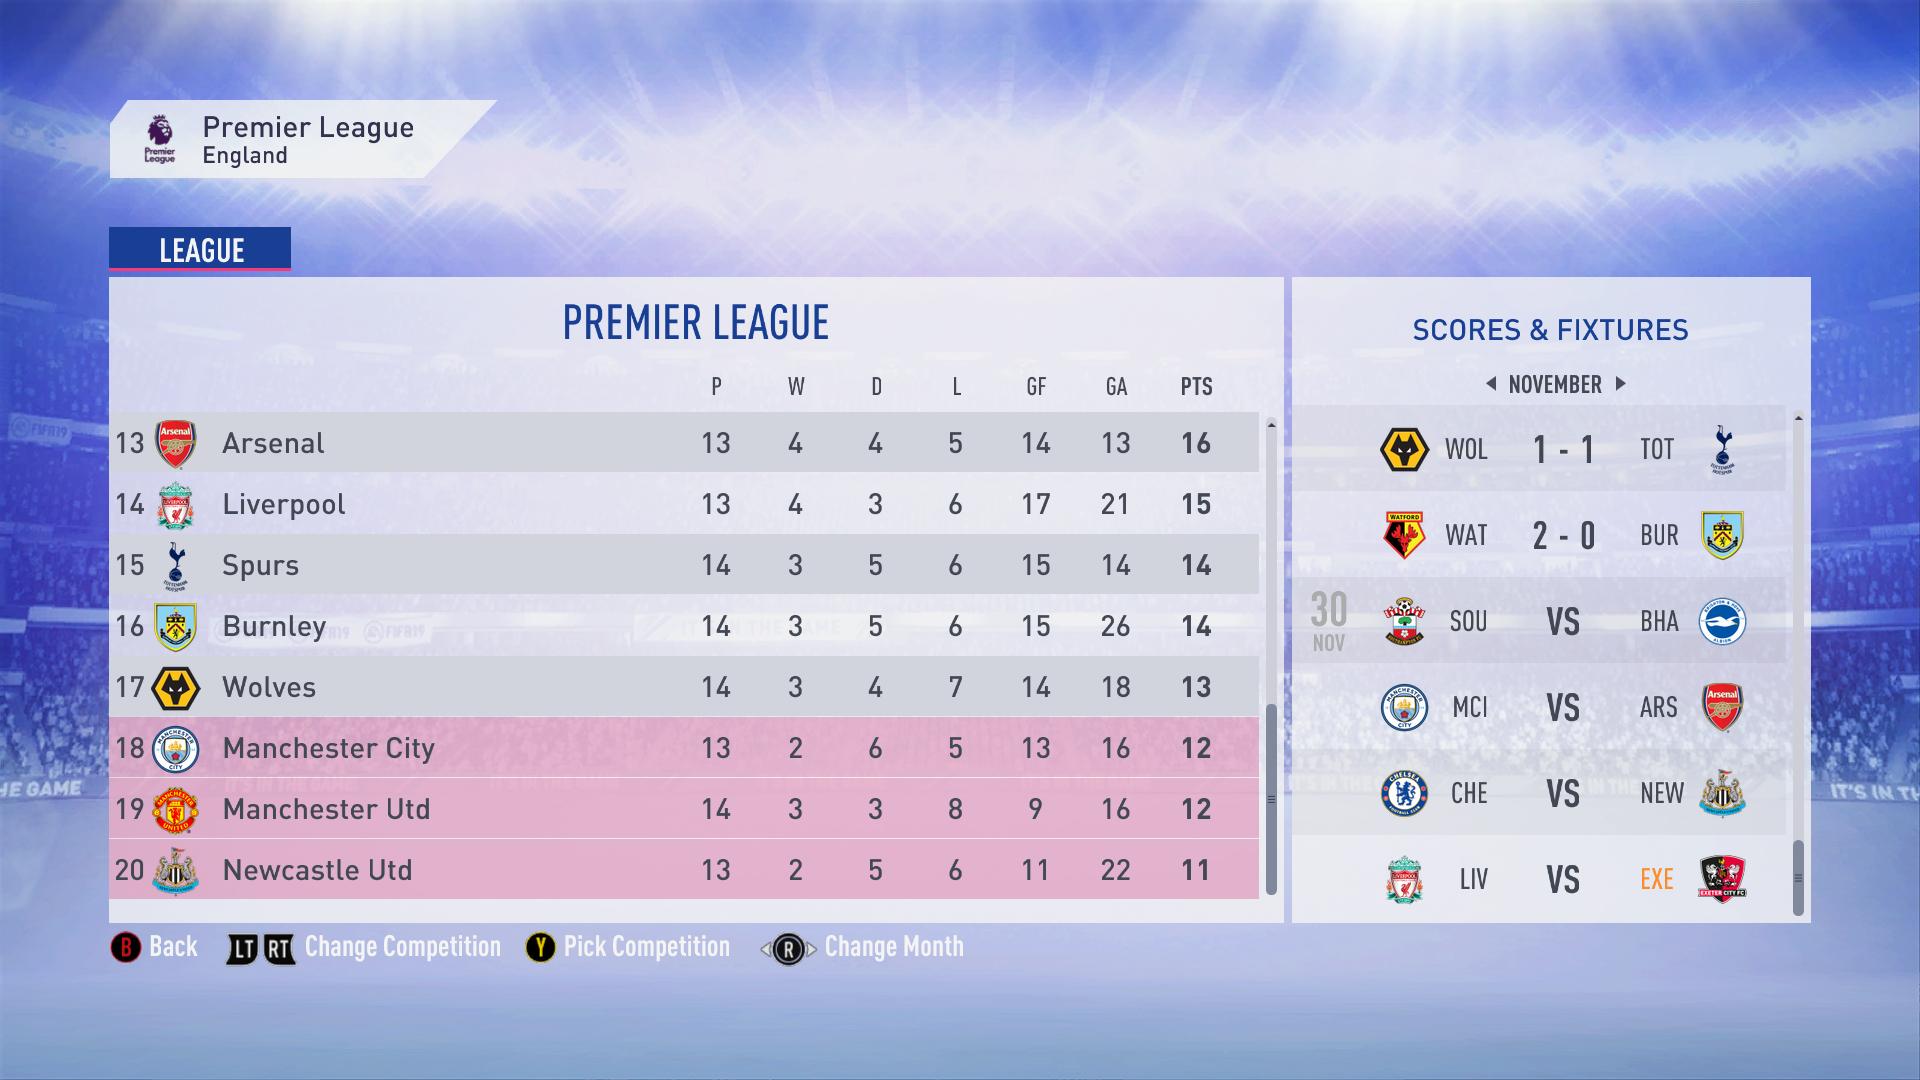 Weirdest Premier League Table I've Ever Seen : Fifacareers